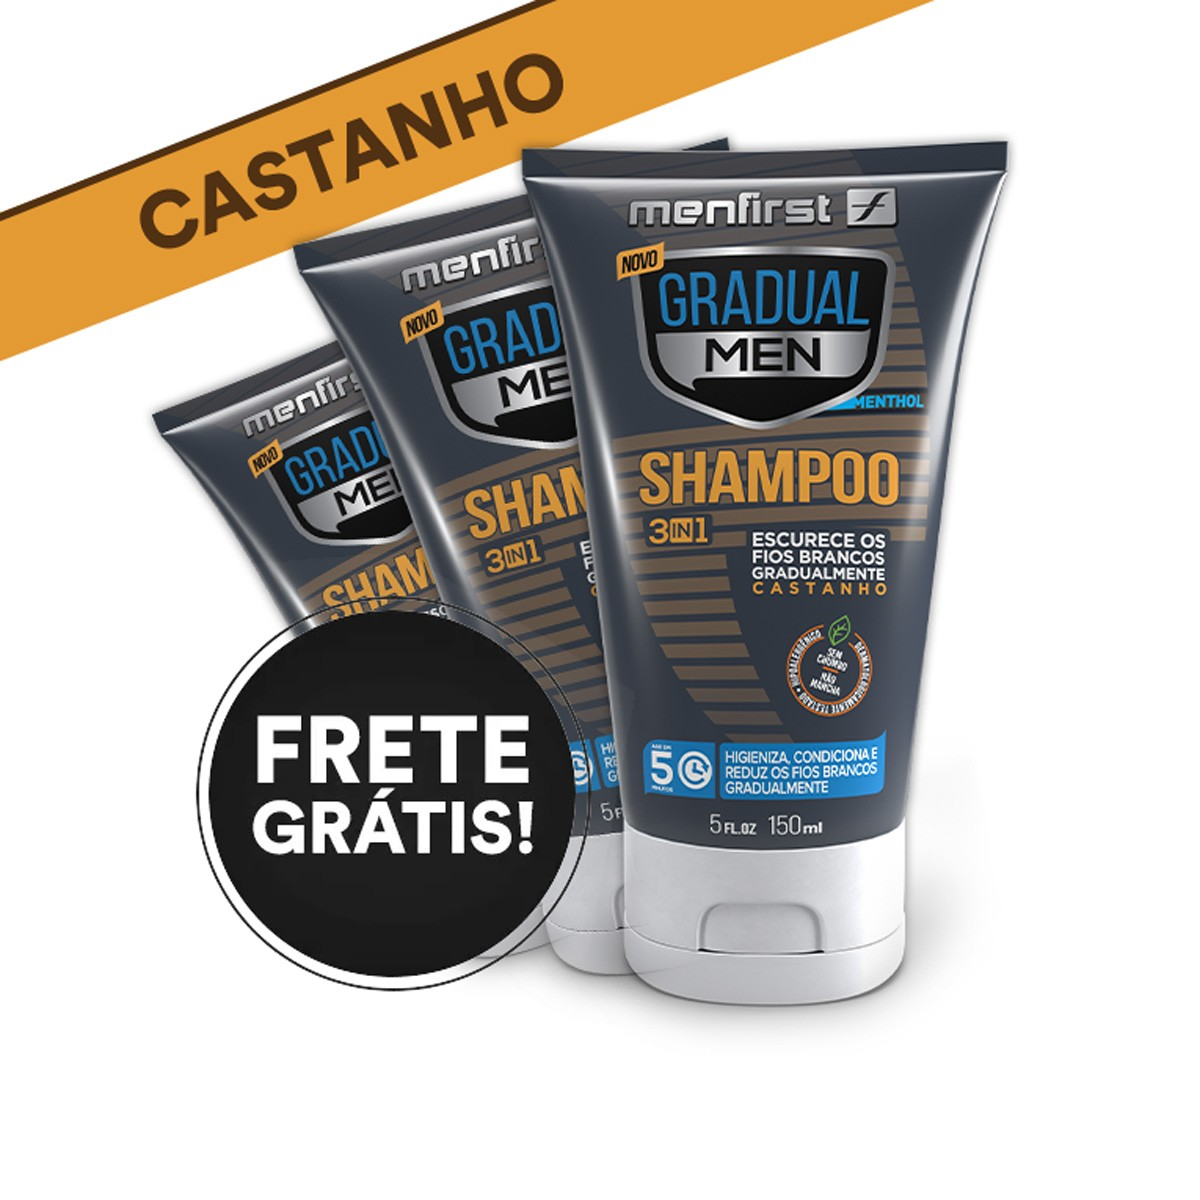 SHAMPOO GRADUAL MEN CASTANHO - CABELO (3x)